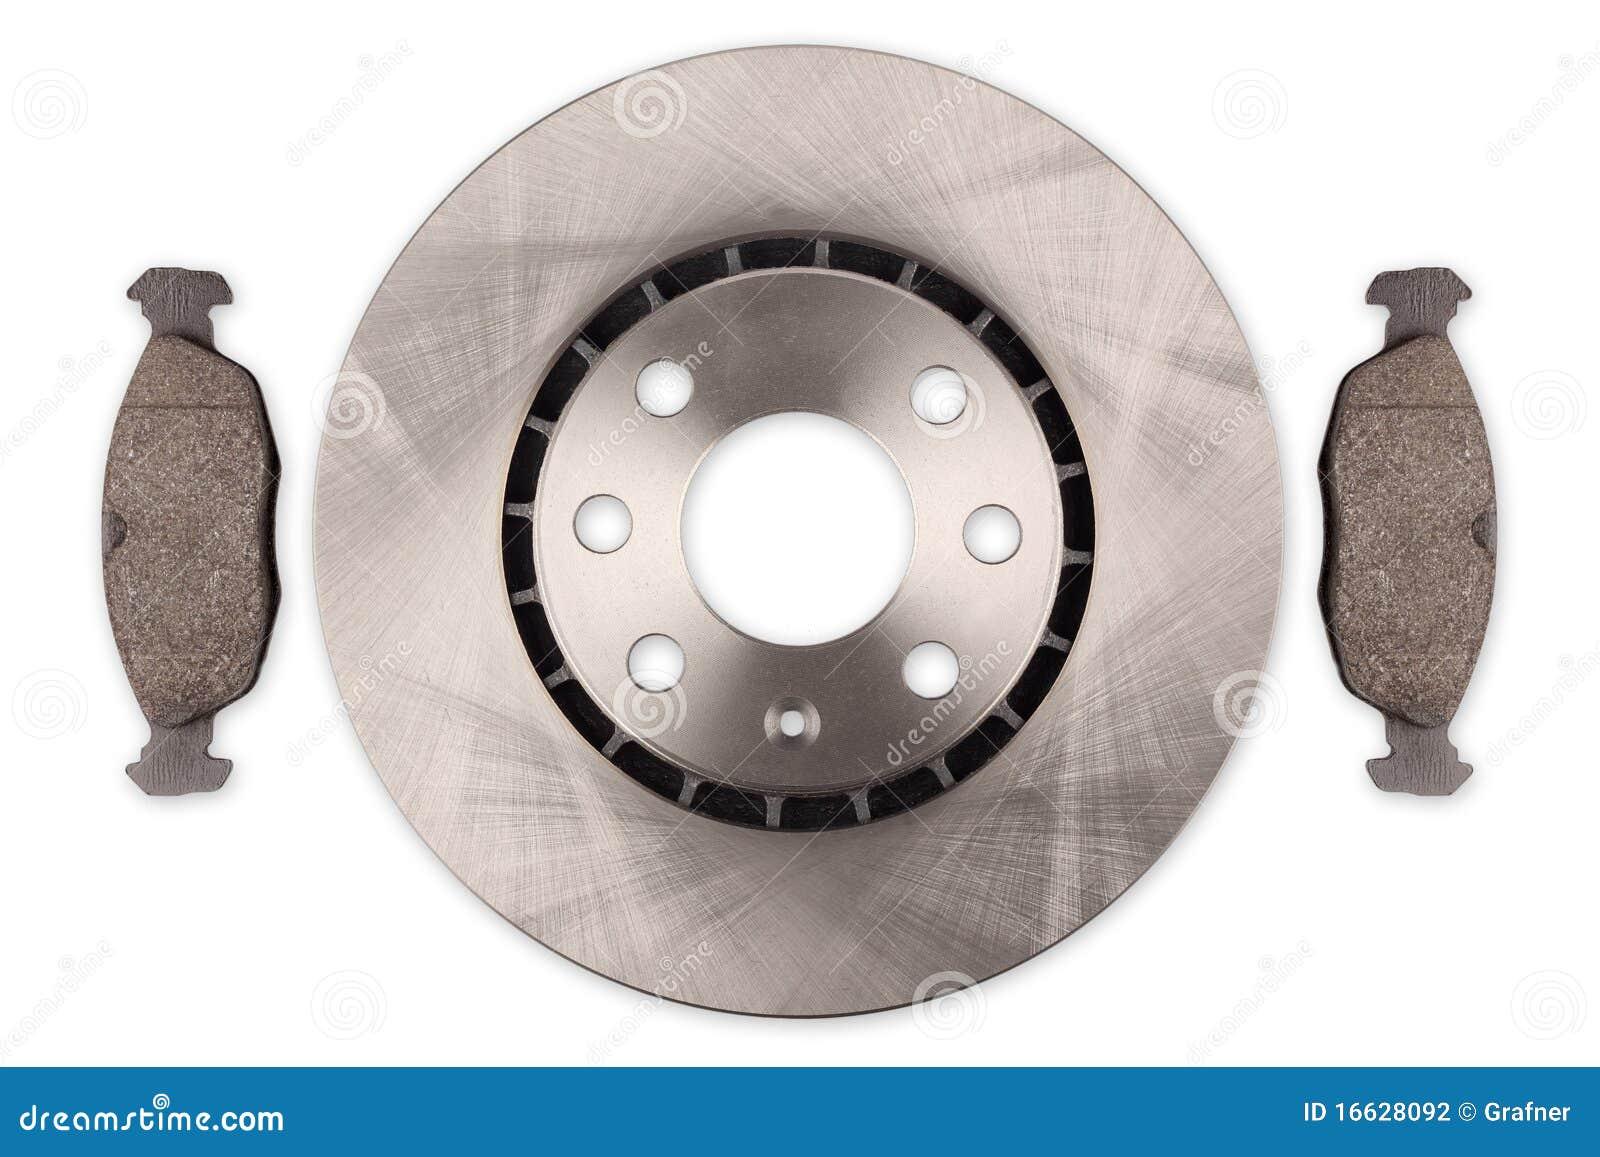 Как заменить передний тормозной диск Opel Corsa D